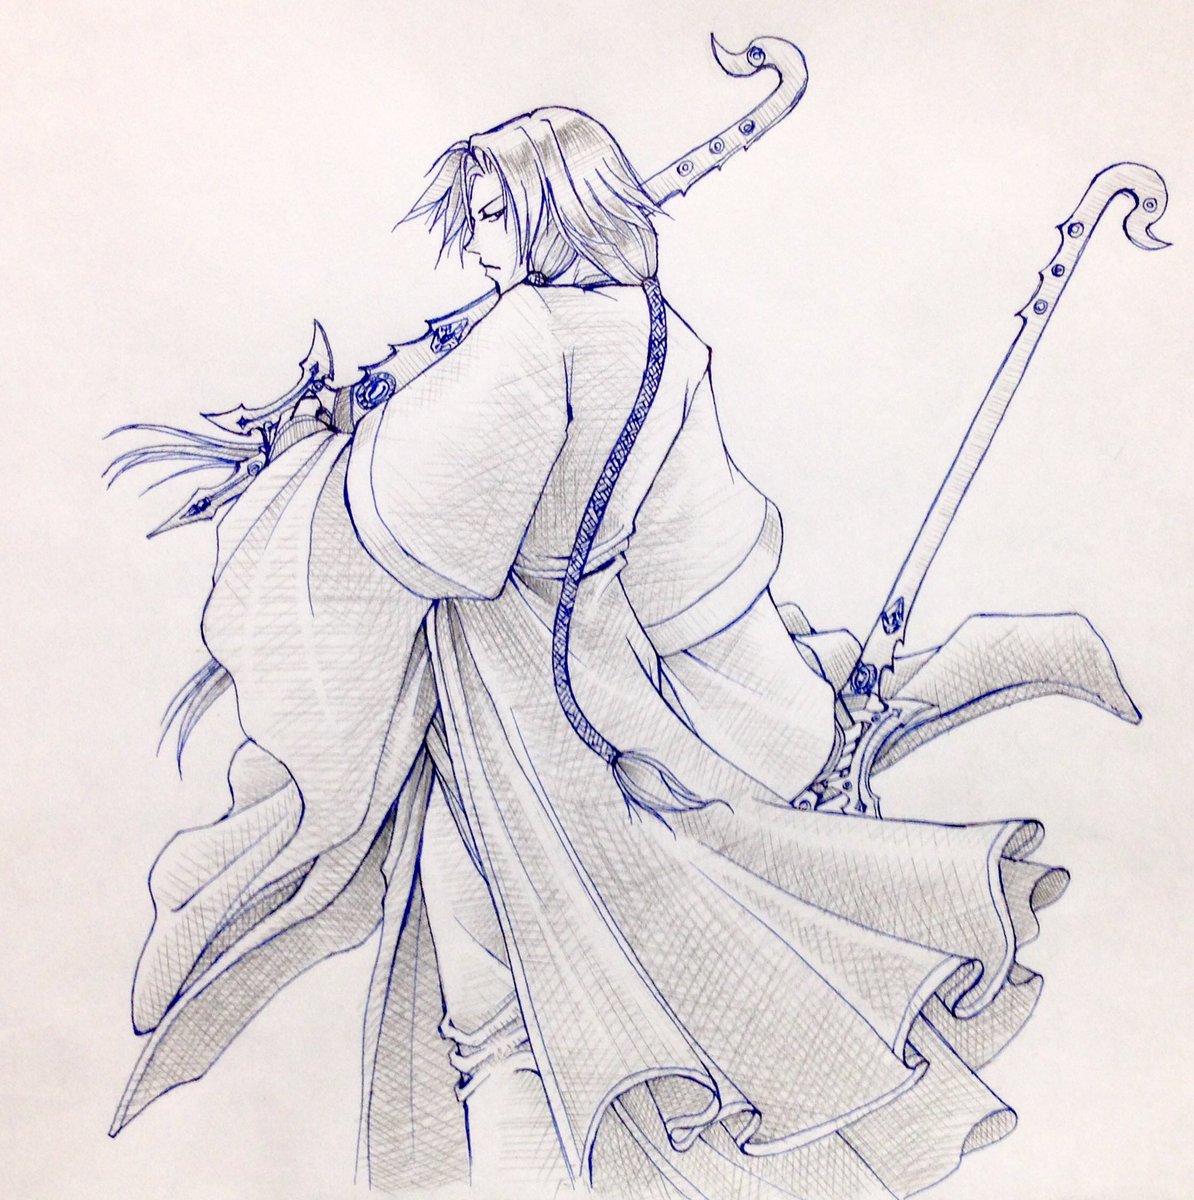 凋命さんの武器、双剣だから数的にぴったりだね。(・∀・)凋命さんのイラストデザインは、後ろ髪がライオンのしっぽみたいで可